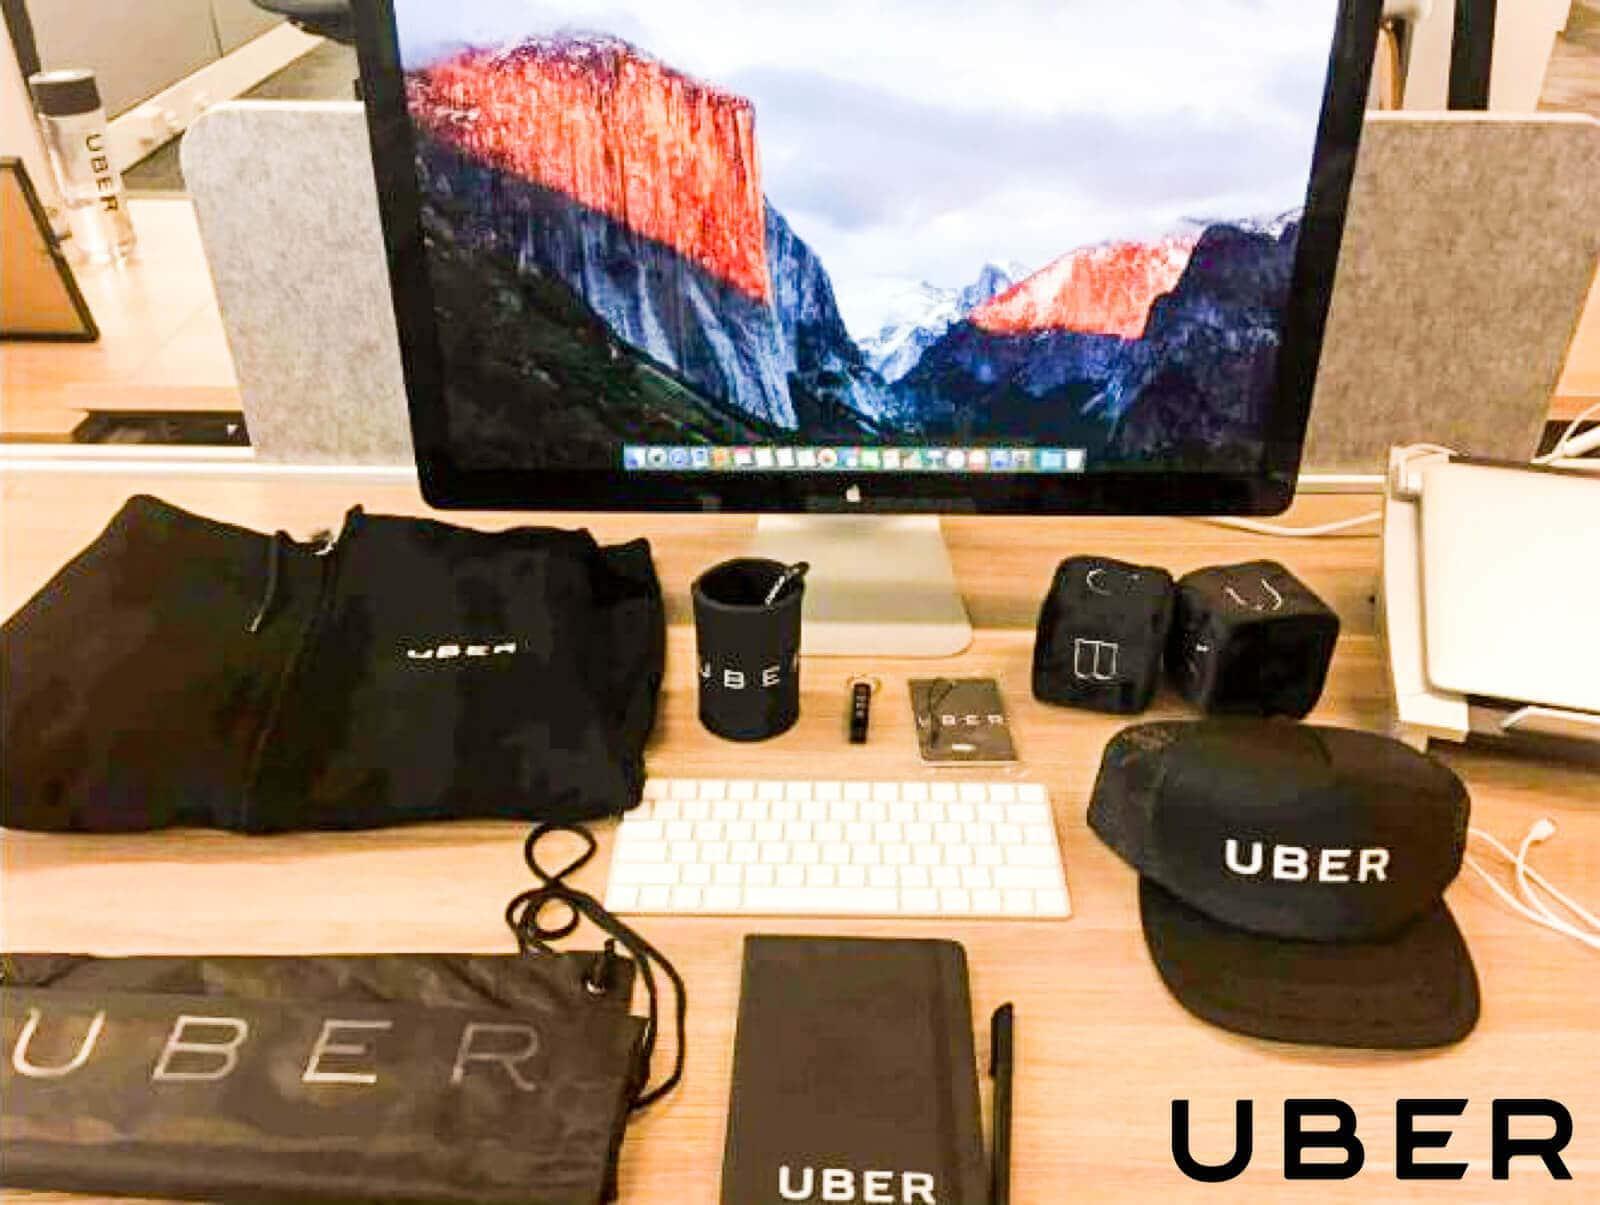 uber-new employee welcome kit example